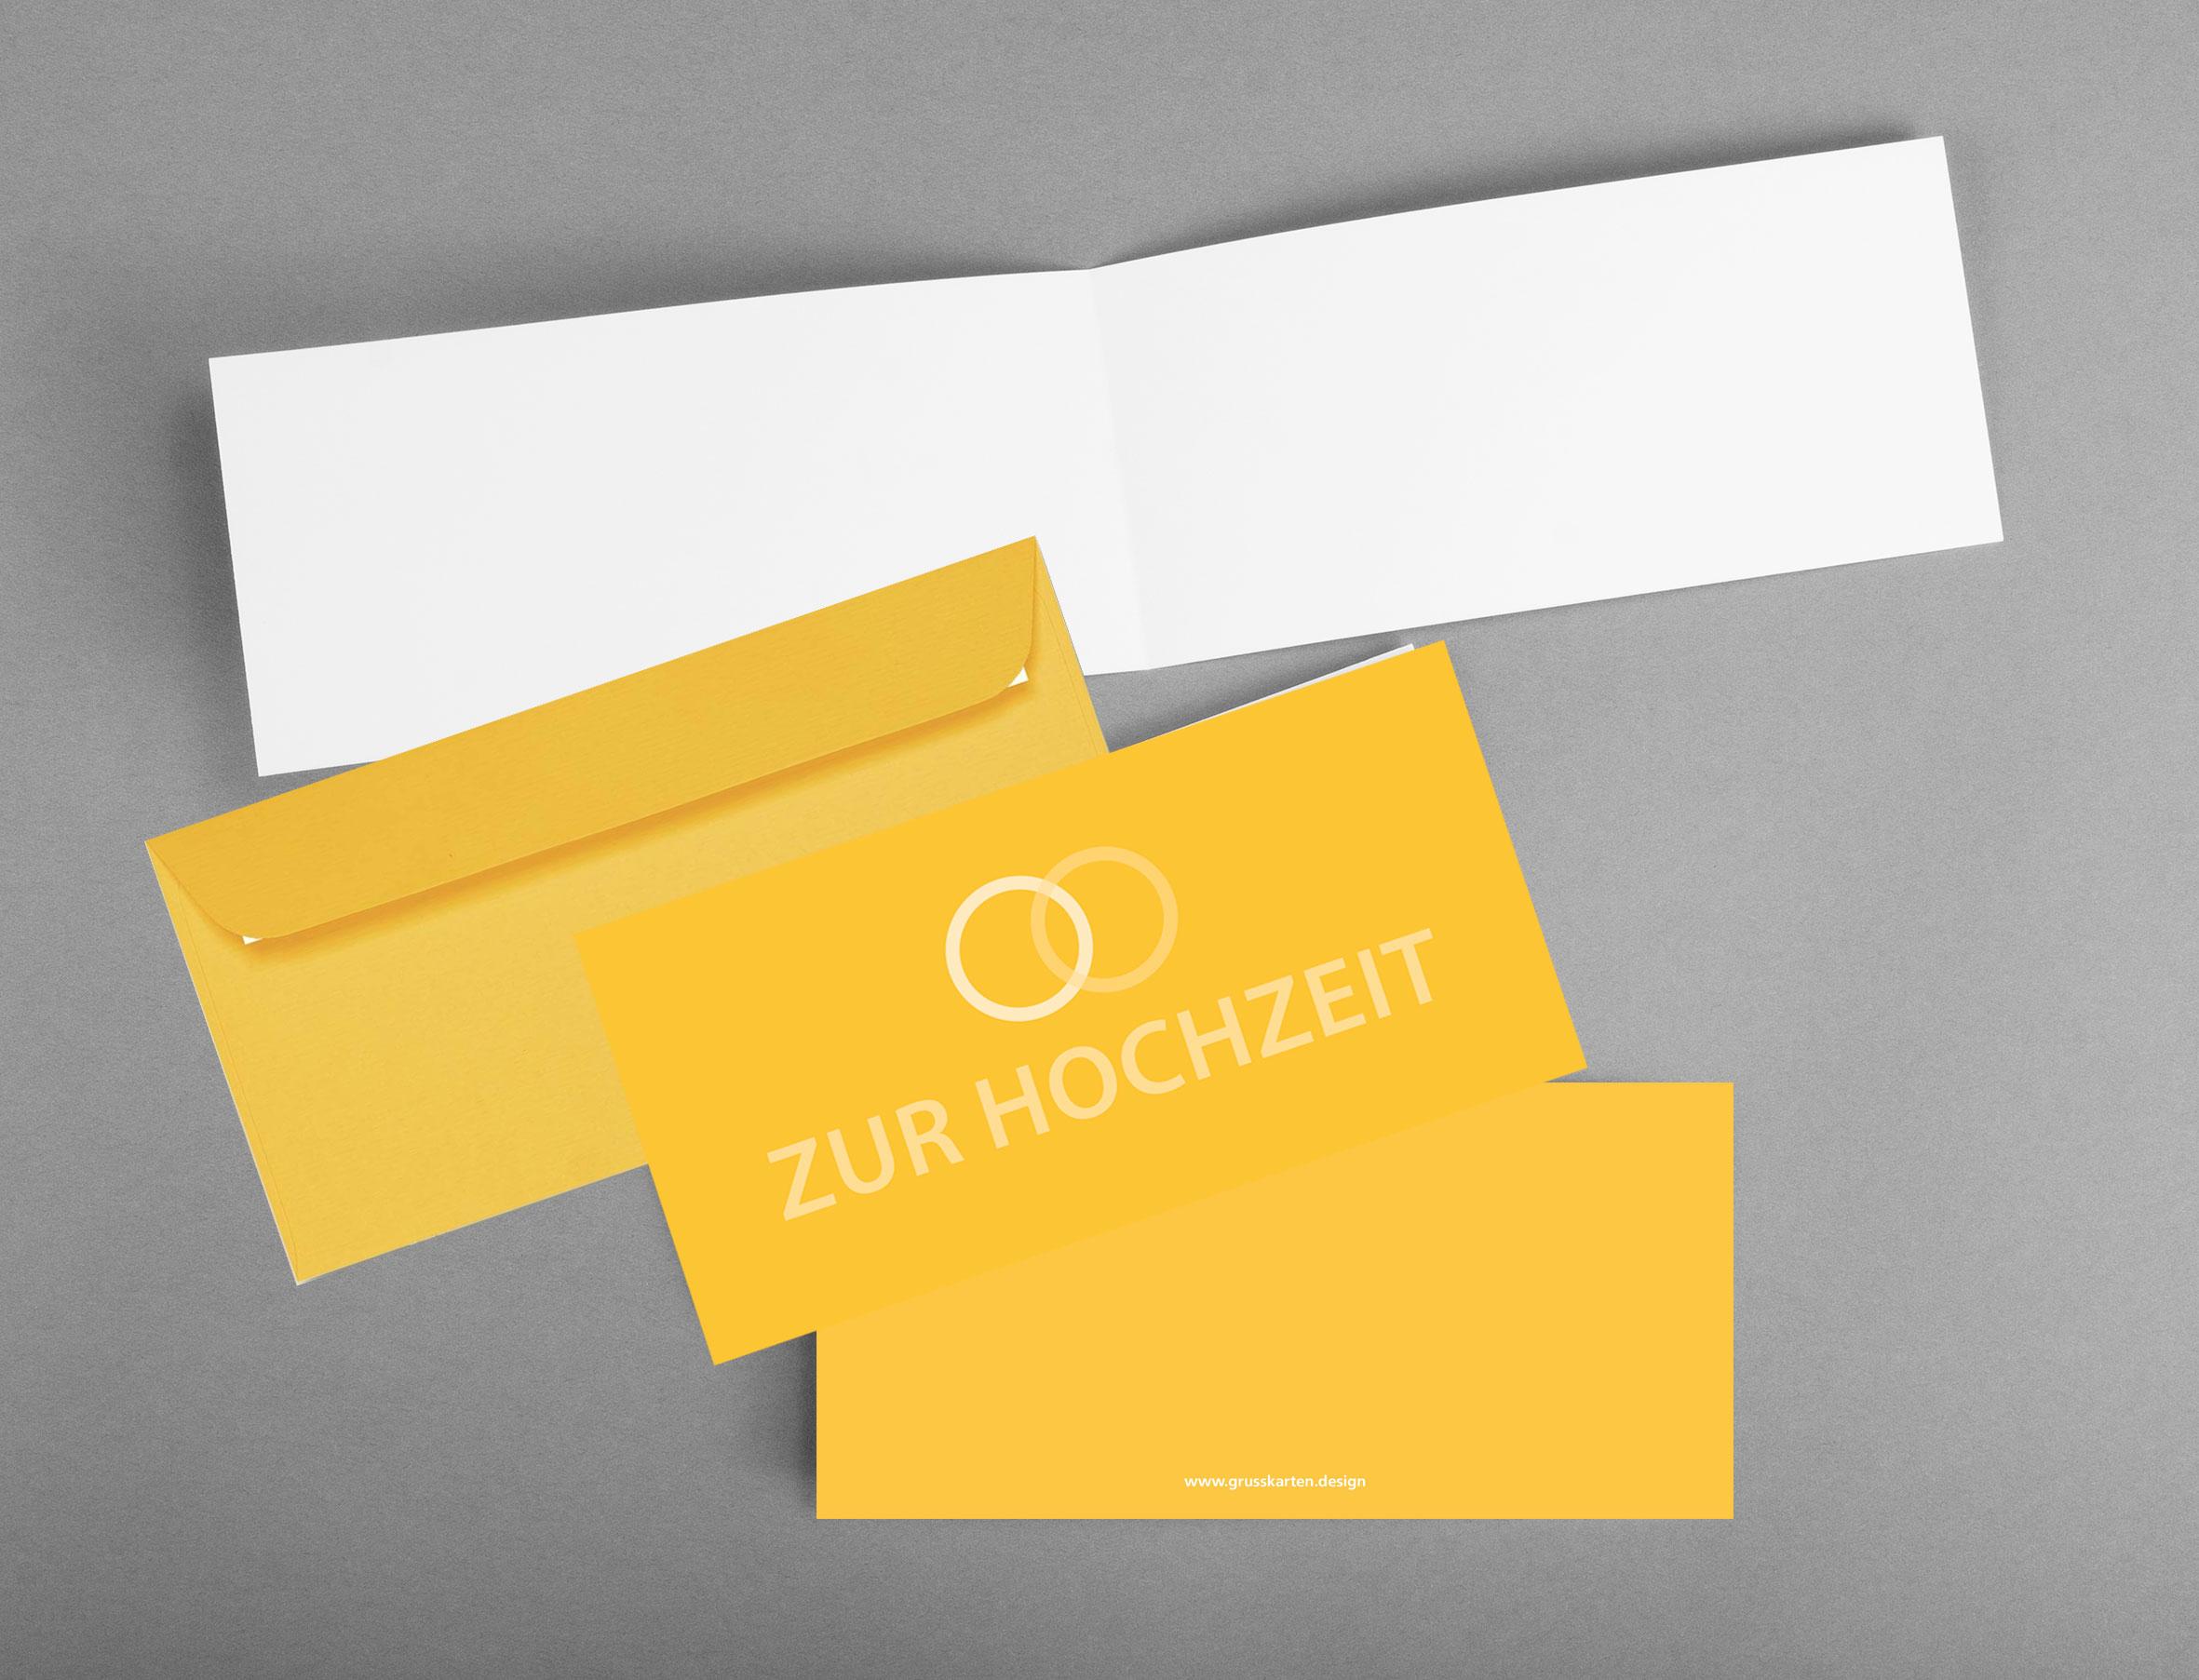 Einladungskarte_Gl-ckwunschkarte_zur-Hochzeit_Ringe_gleich-gross_grusskarten-design_innen-und-aussen-mit-gelbem-artoz-kuvertUUNC595MFve4F